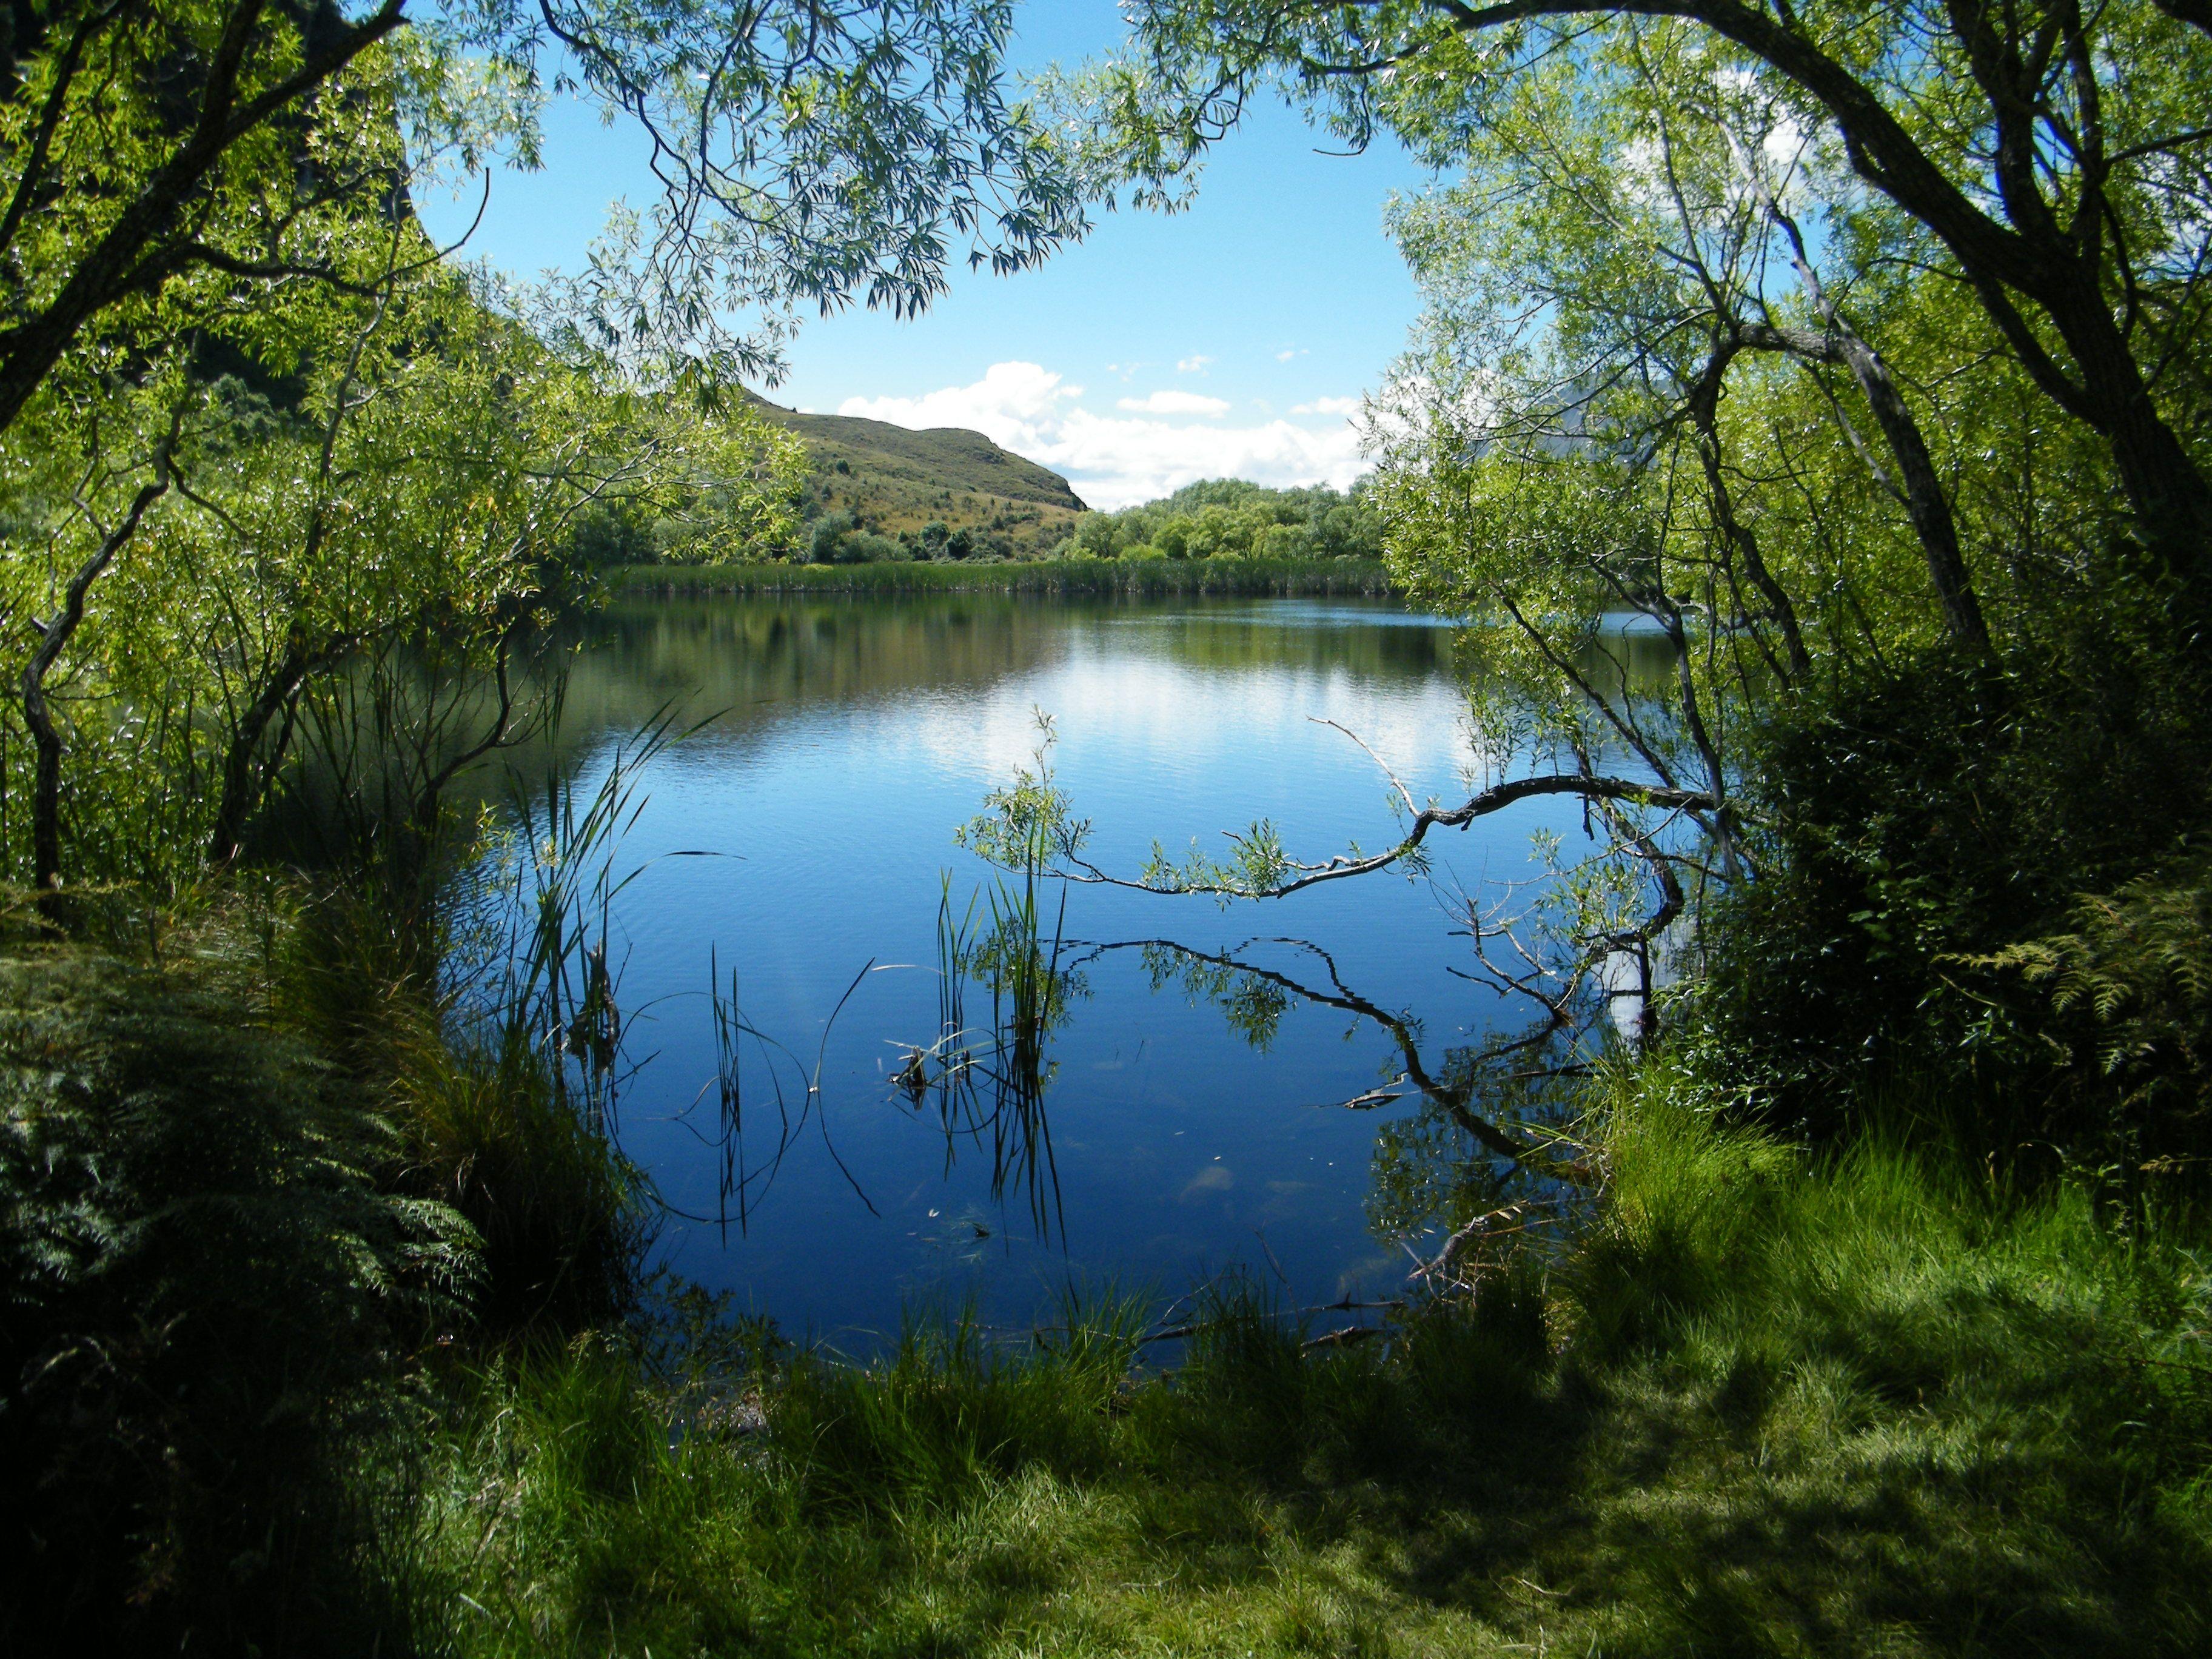 daimond lake new zealand